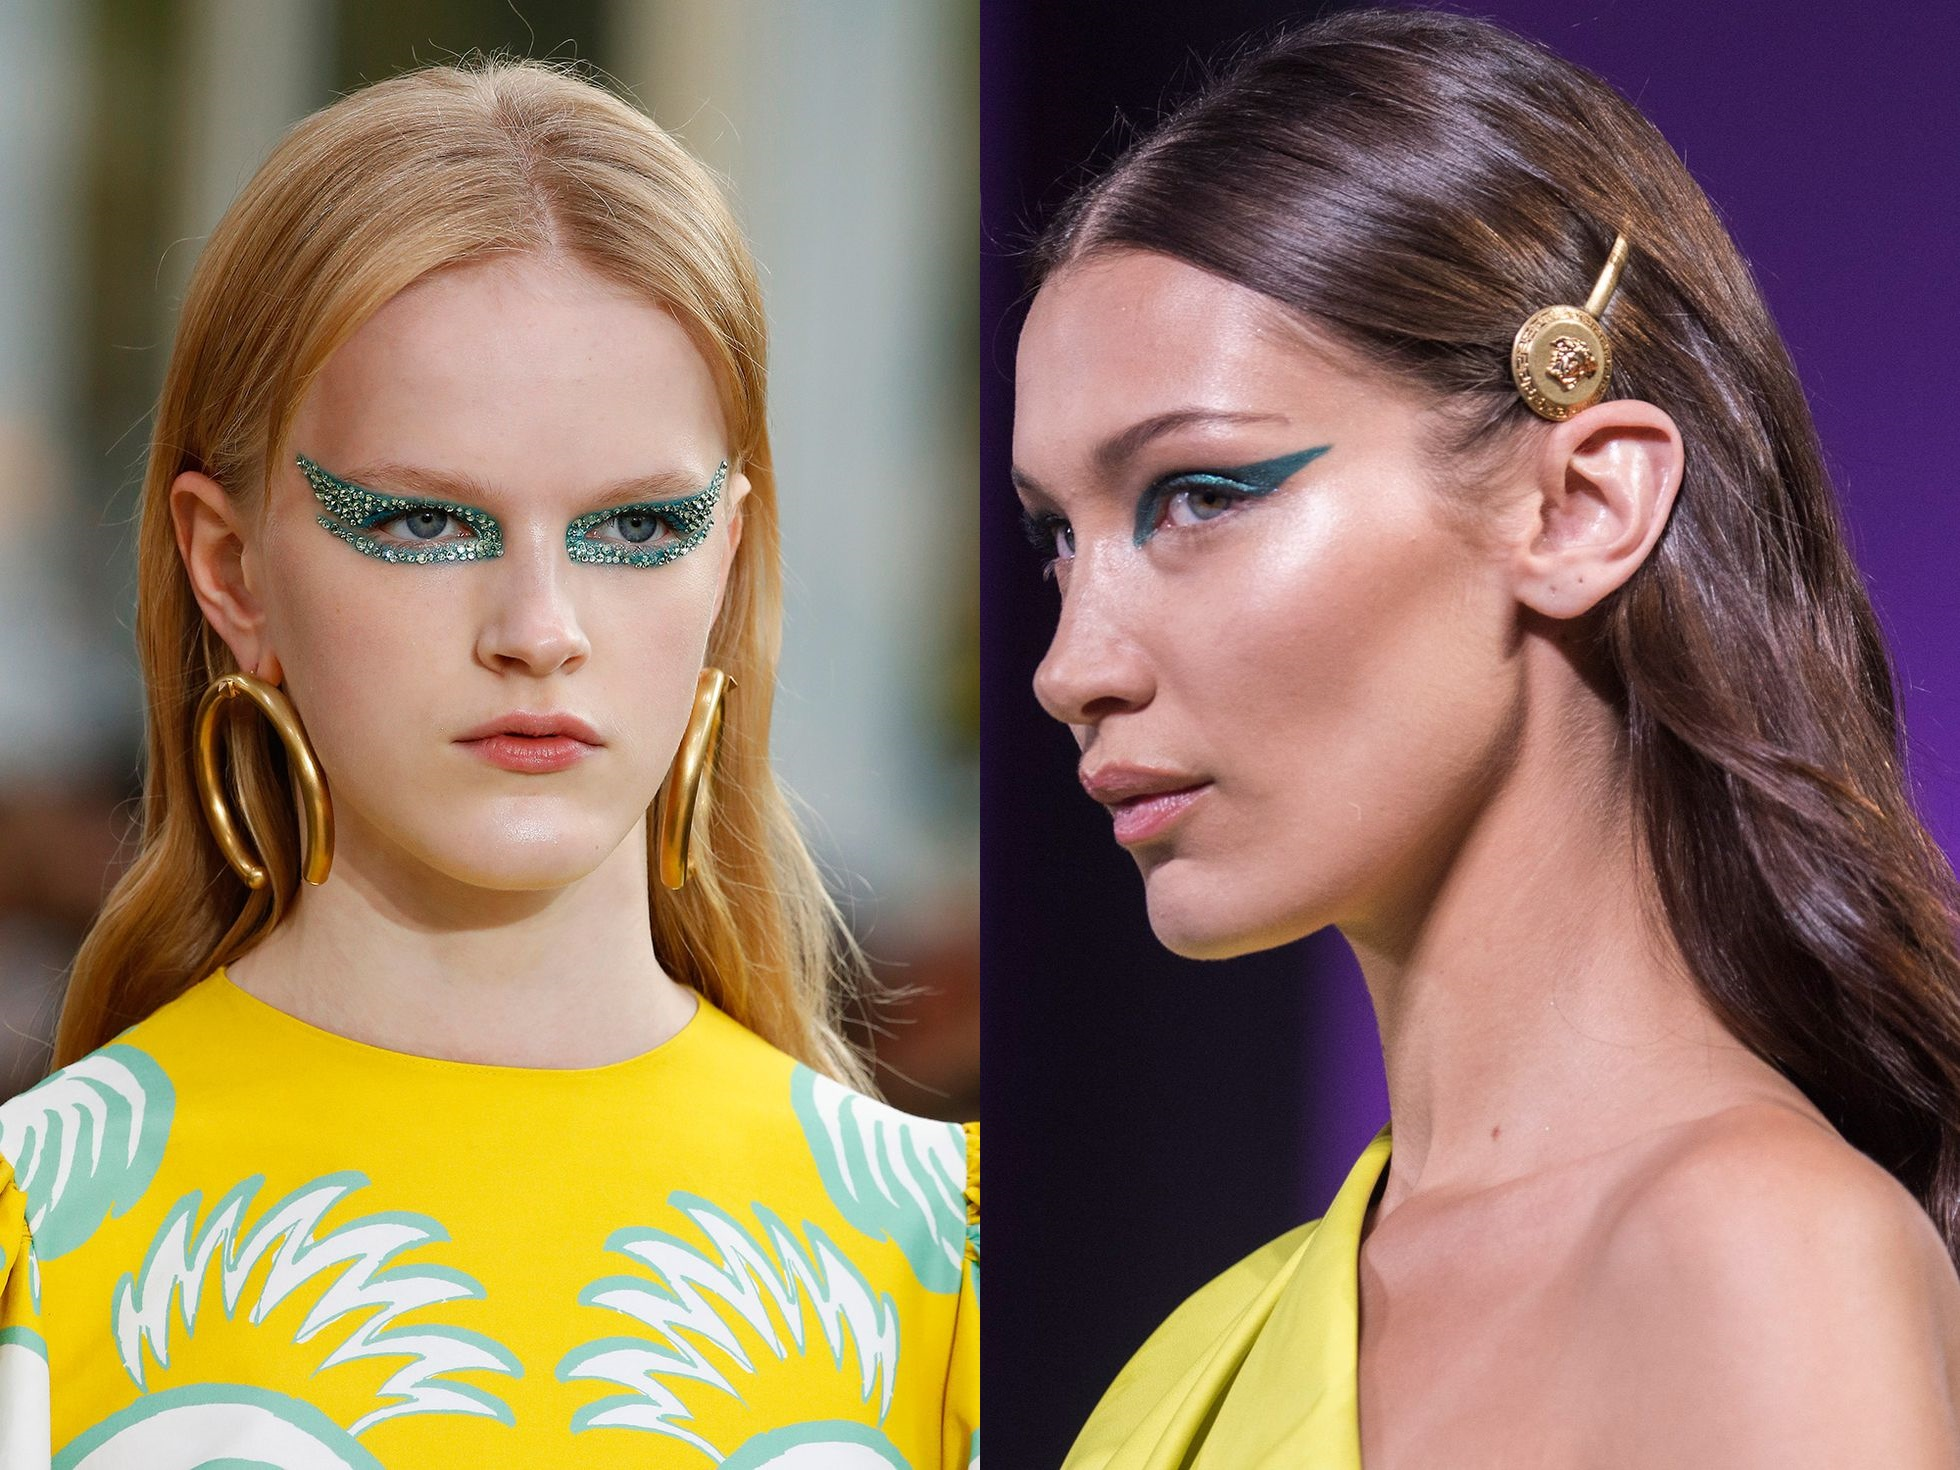 spring-summer-2019-makeup-trends-graphic-glitter-valentino-getty-1538654992-horz.jpg